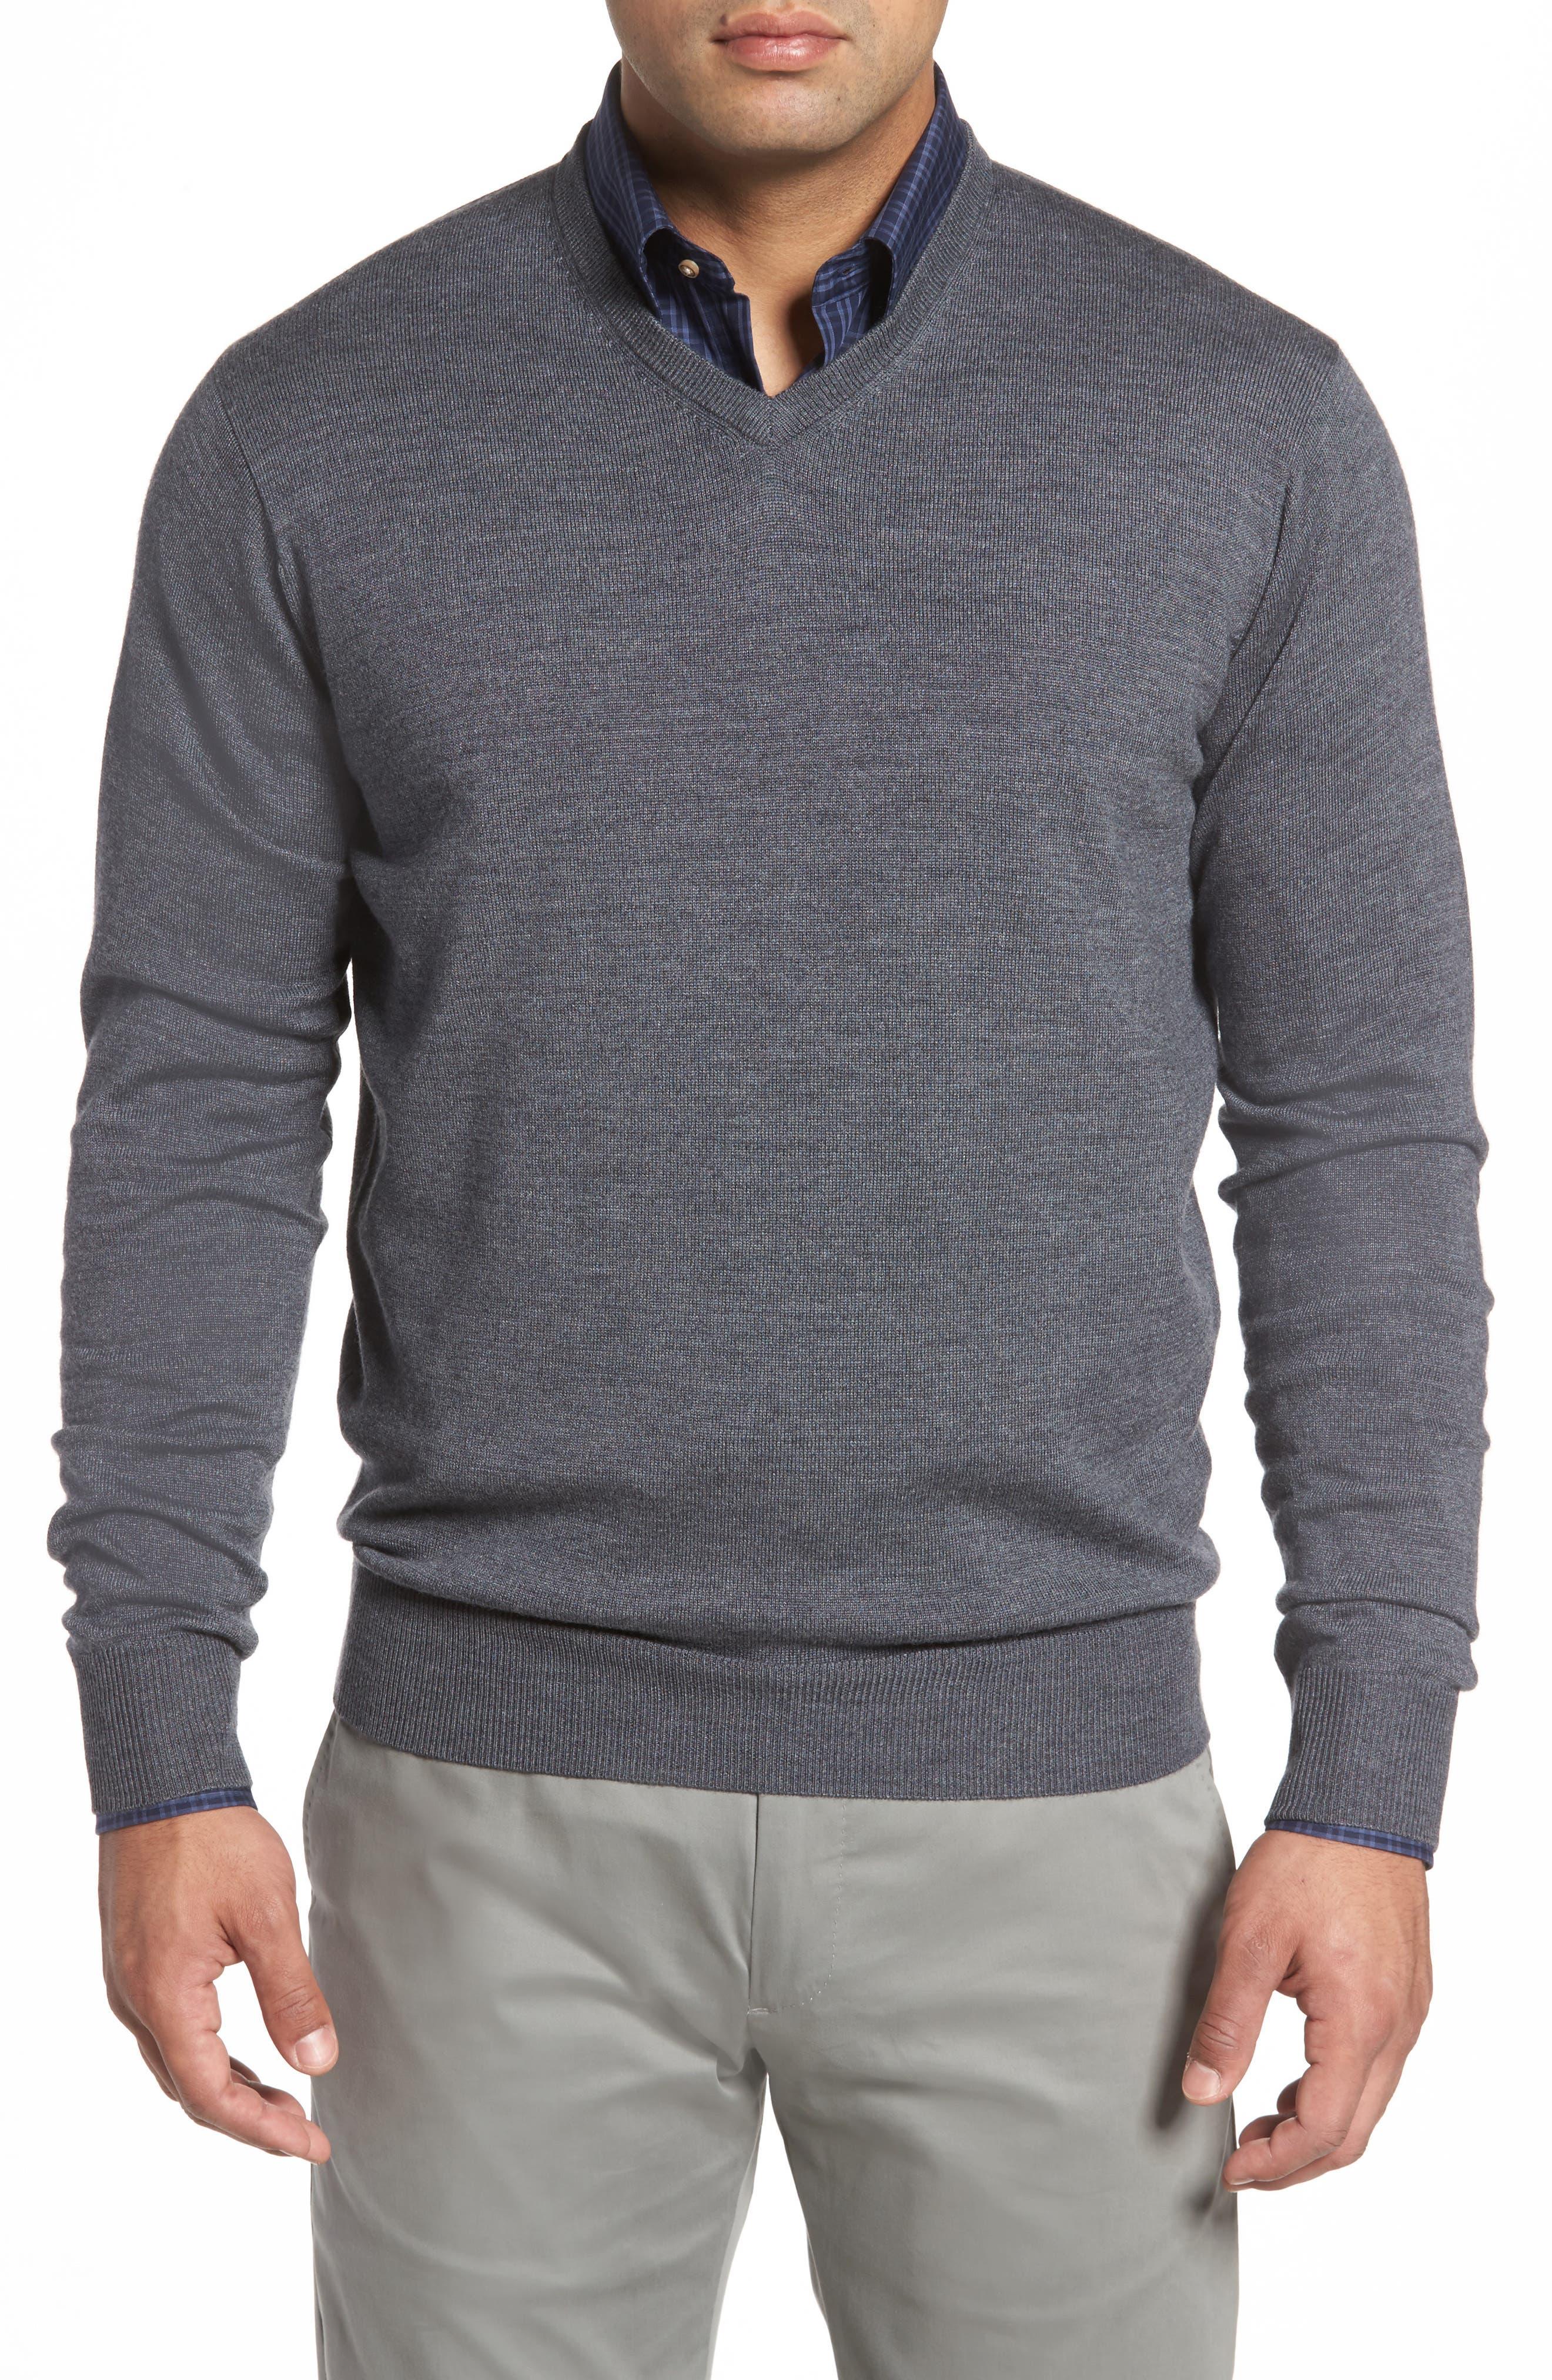 Peter Millar Merino Sweater